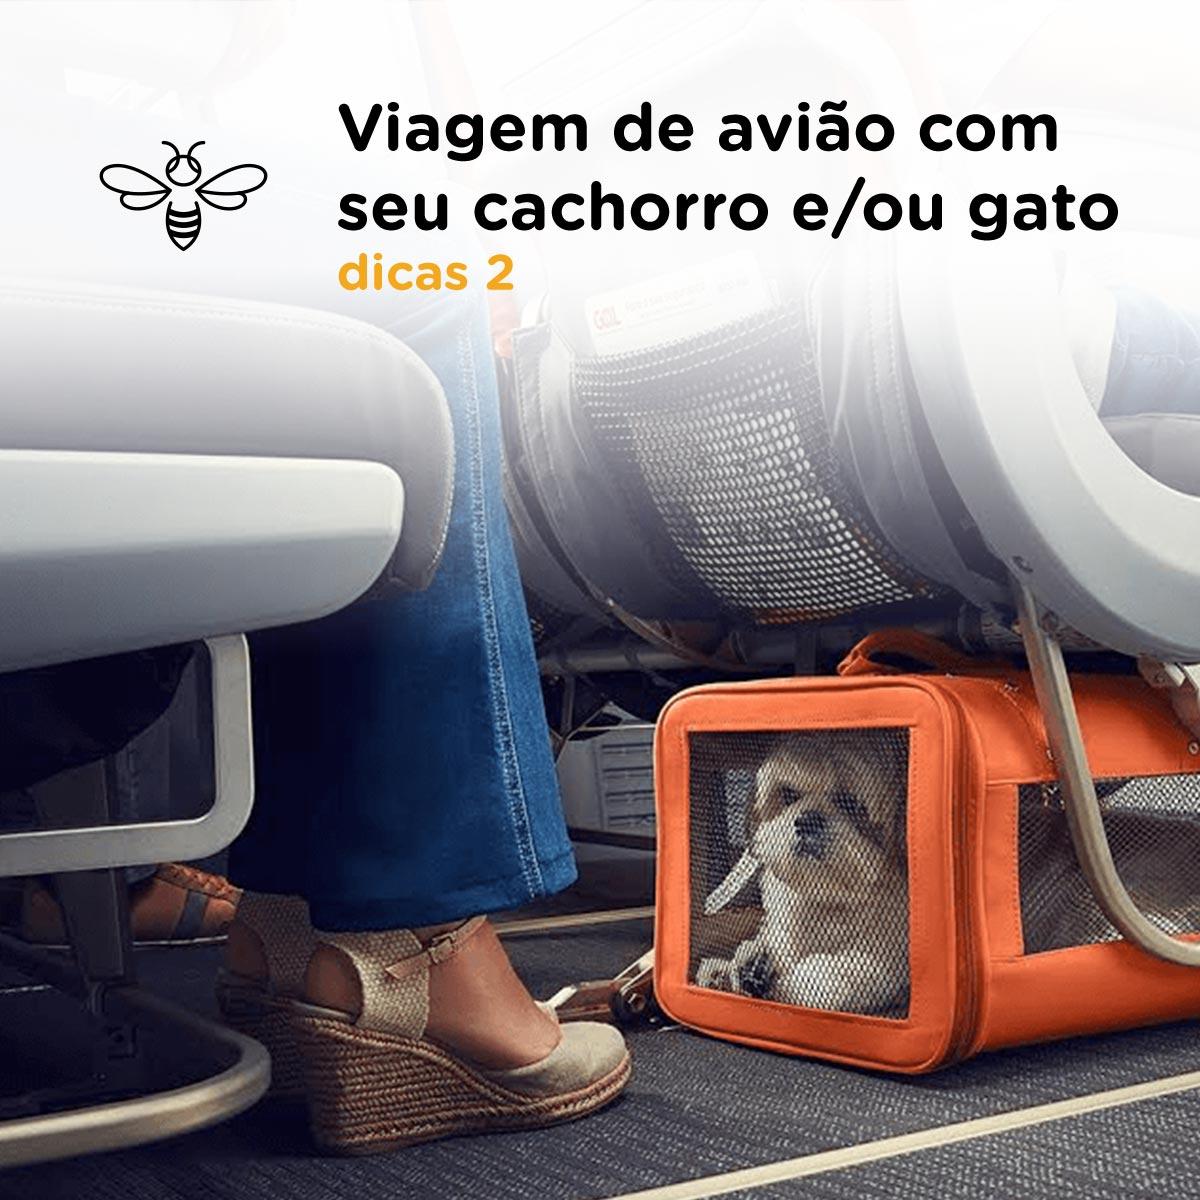 Viagem avião com cachorro e/ou gato